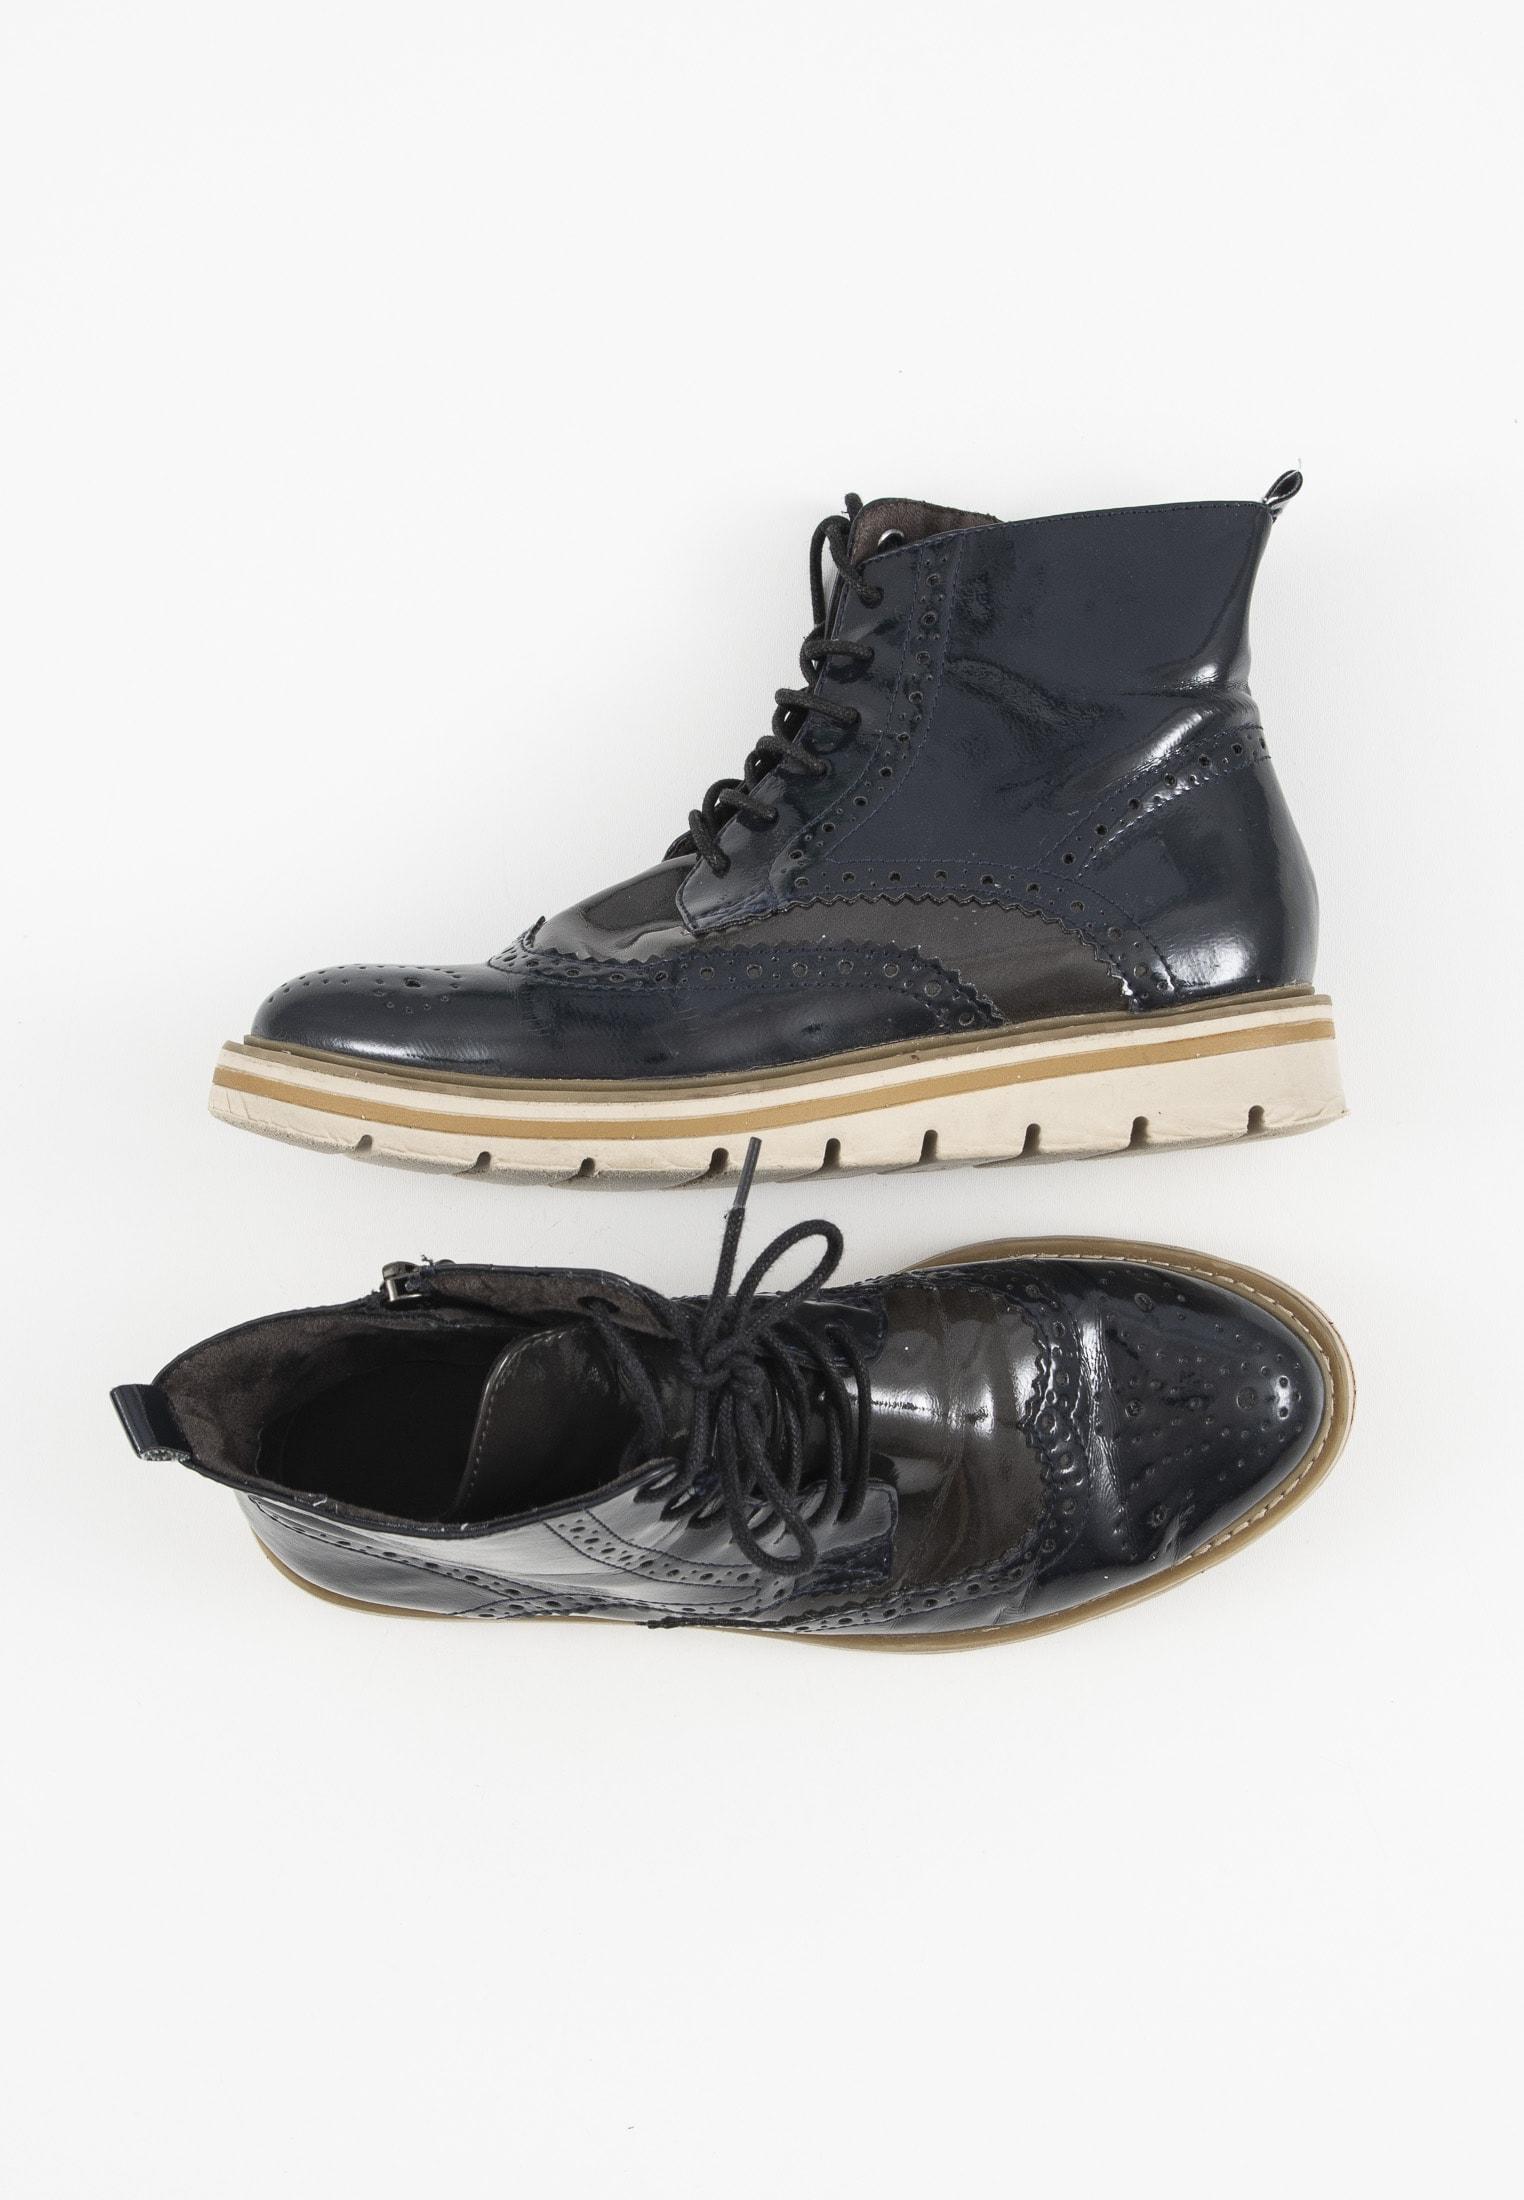 Tamaris Stiefel / Stiefelette / Boots Blau Gr.37